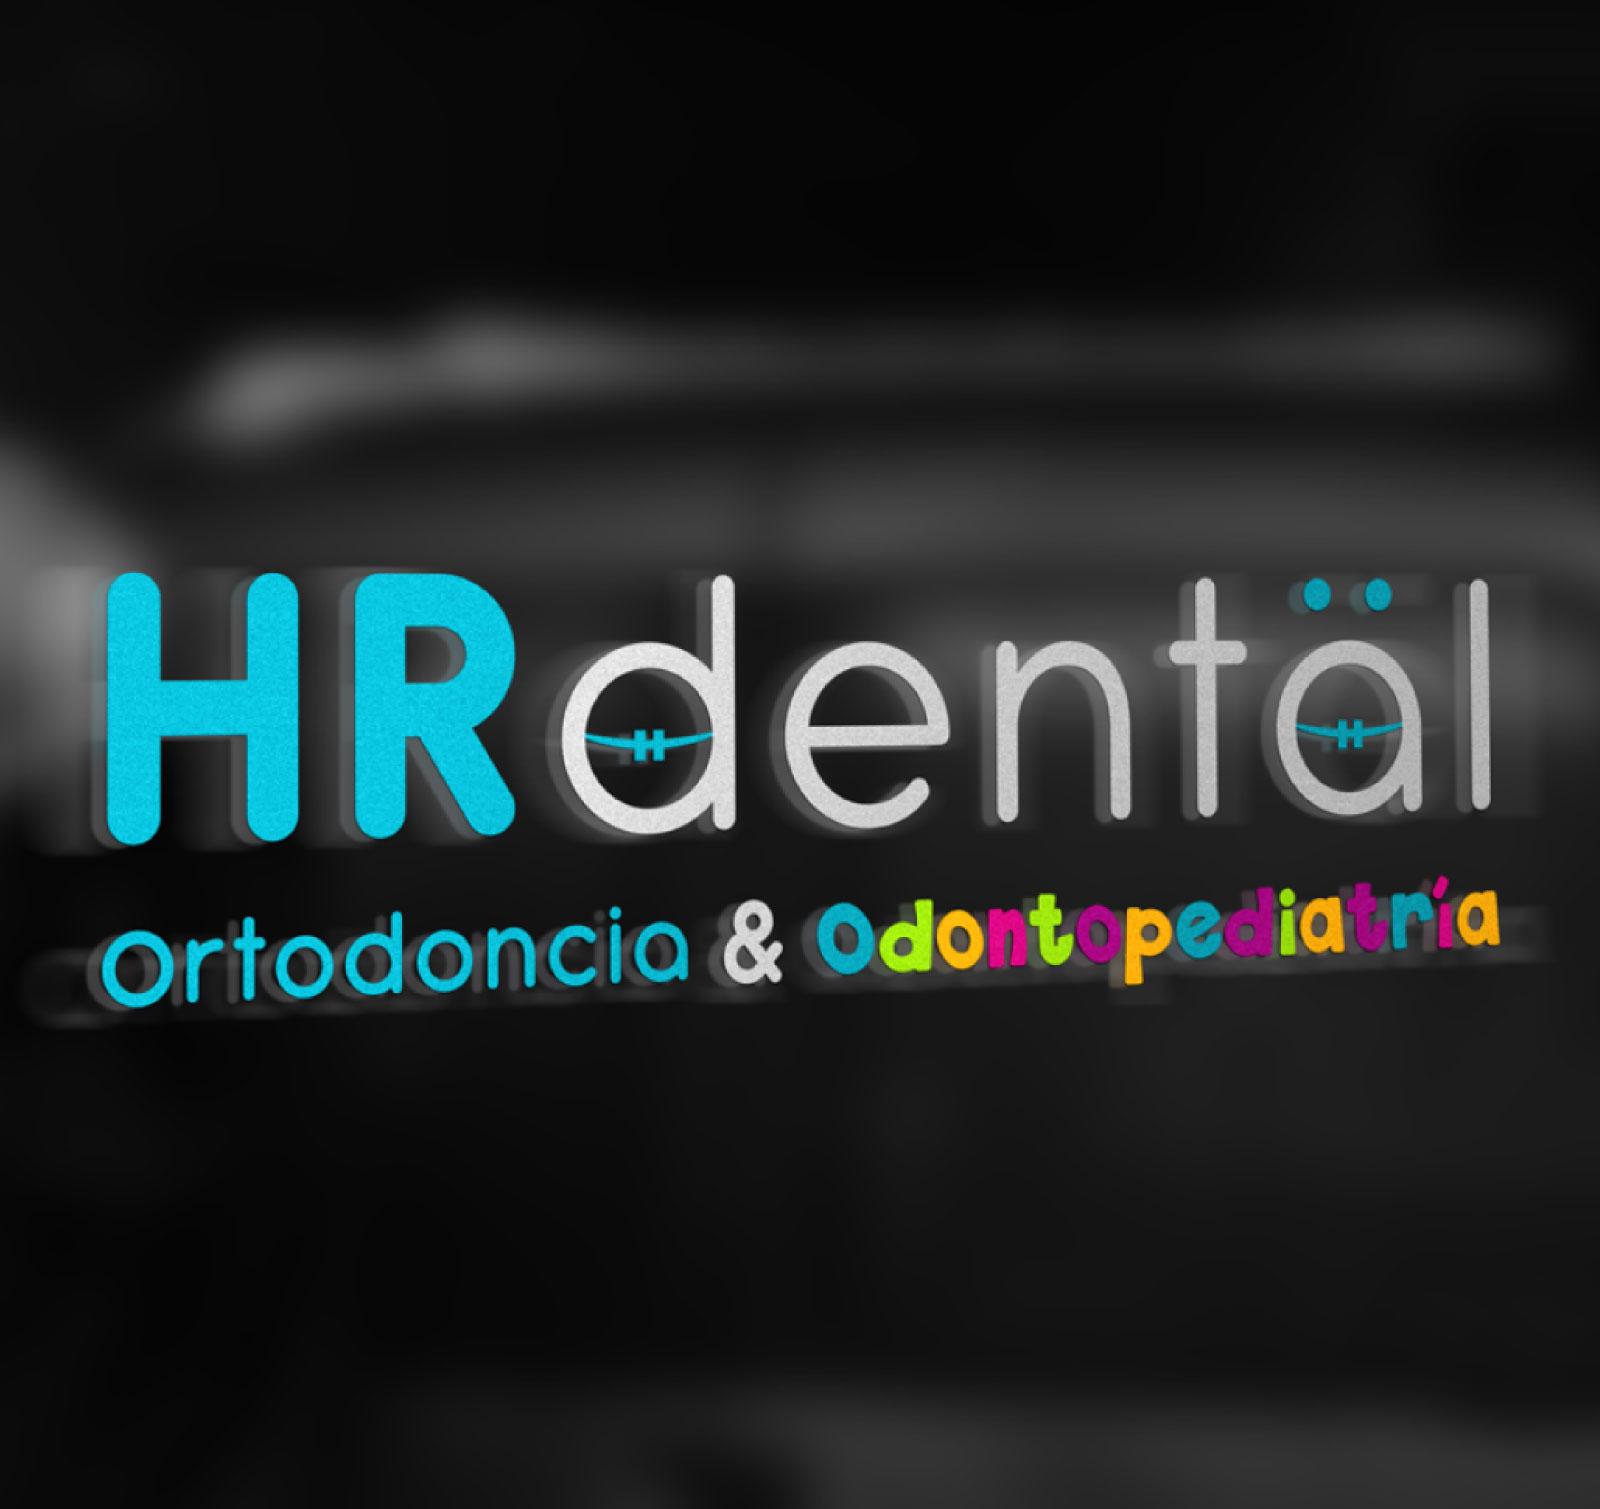 Identidad Corporativa HR Dental